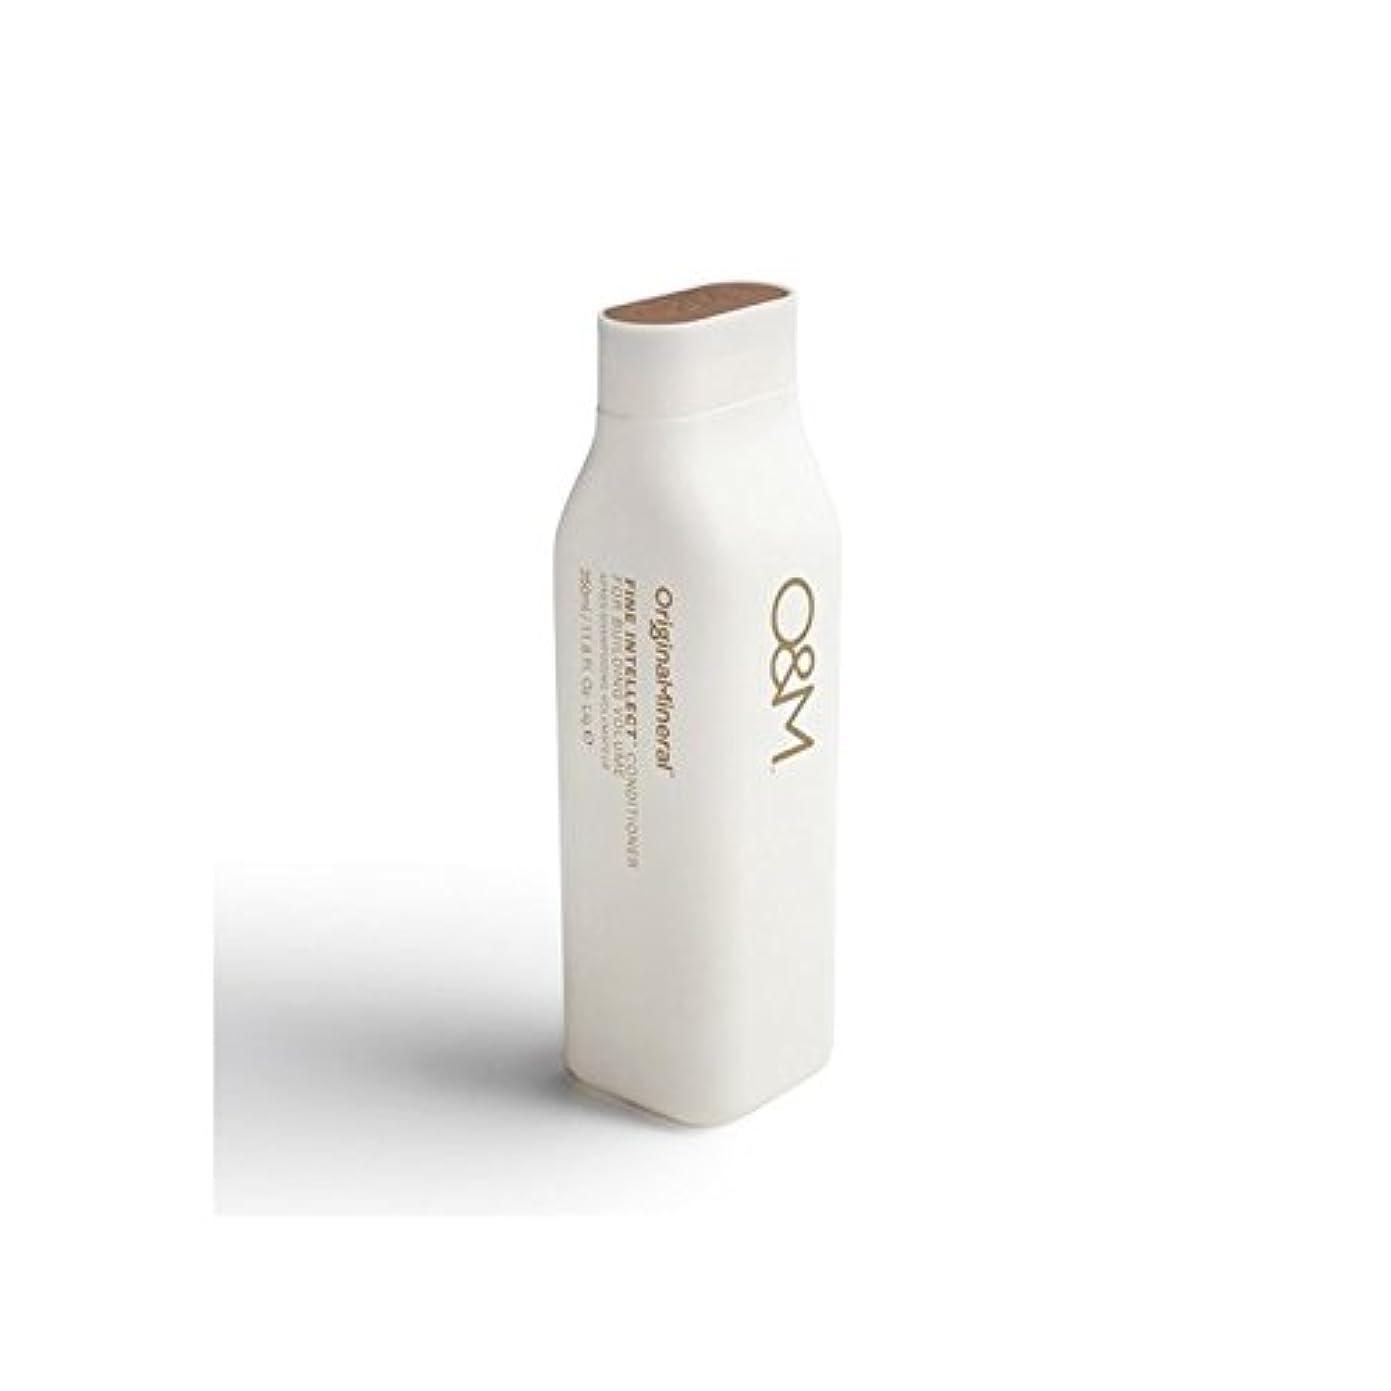 落ち着く望む長老Original & Mineral Fine Intellect Conditioner (350ml) - オリジナル&ミネラル細かい知性コンディショナー(350ミリリットル) [並行輸入品]